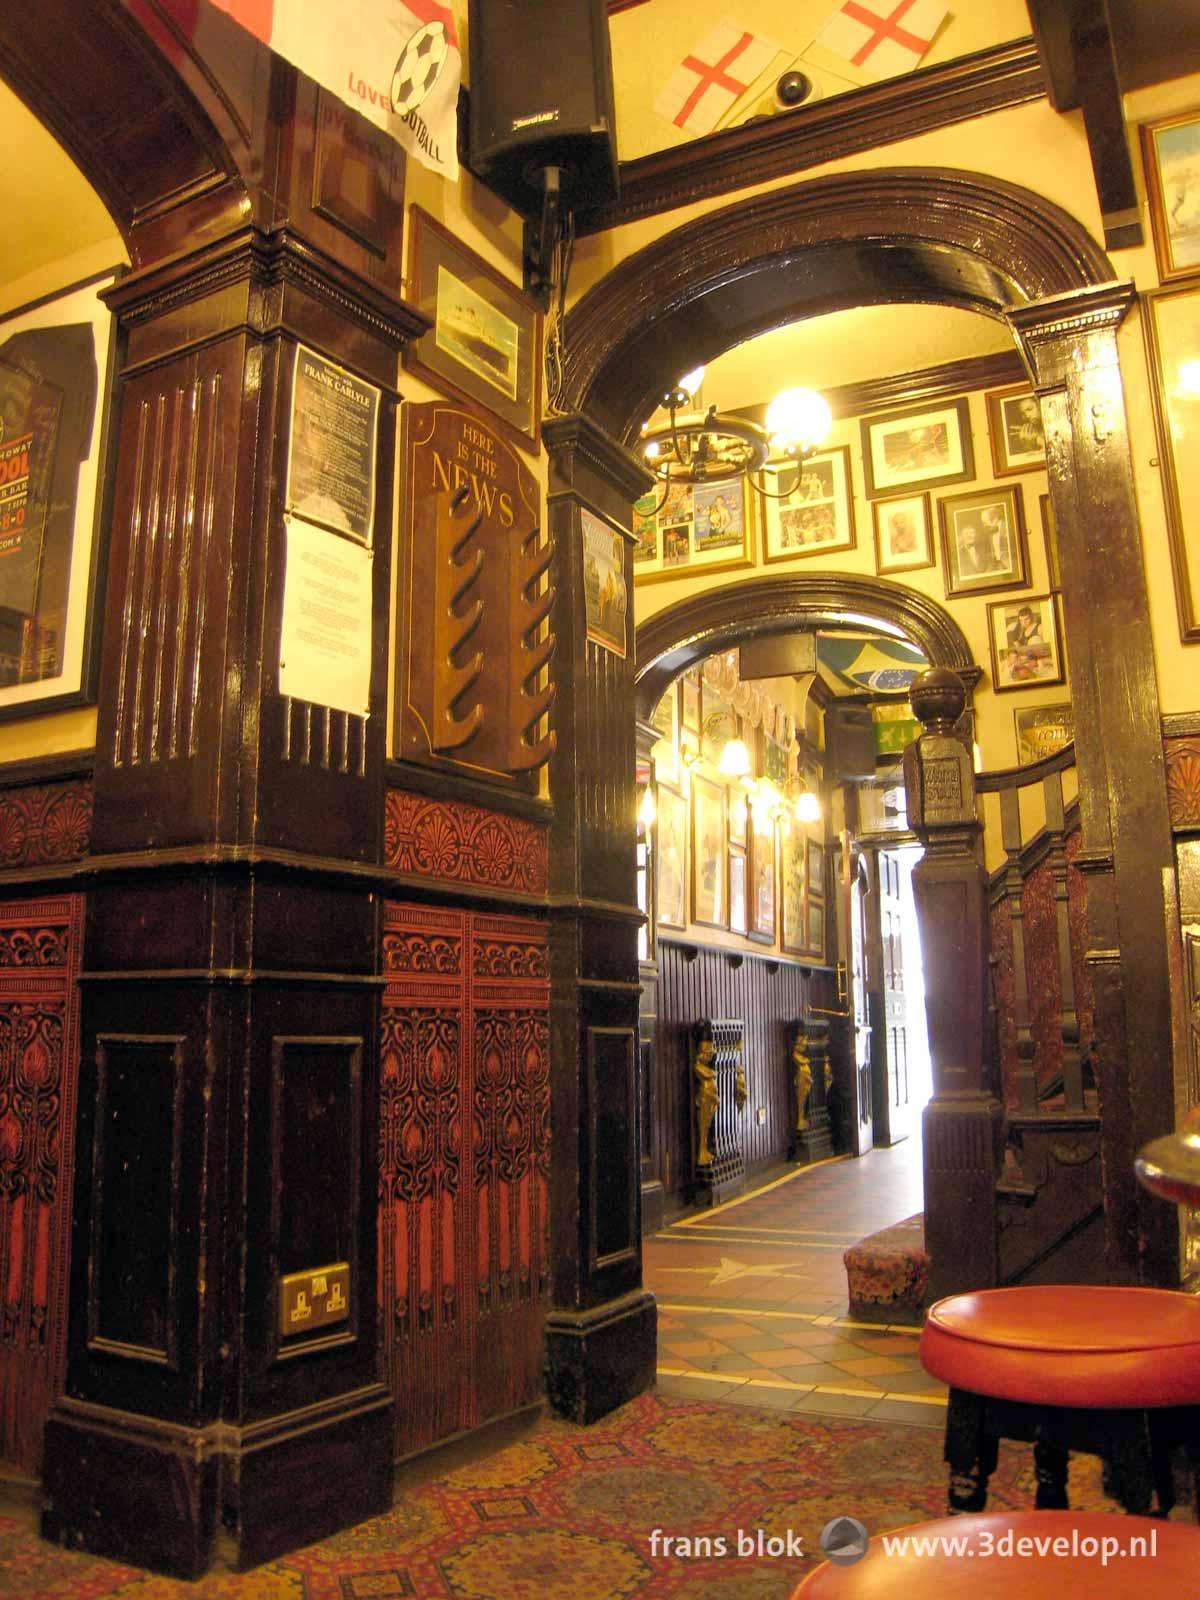 Populair op Pinterest: het interieur van een pub in Liverpool, ooit vaak bezocht door onder andere The Beatles